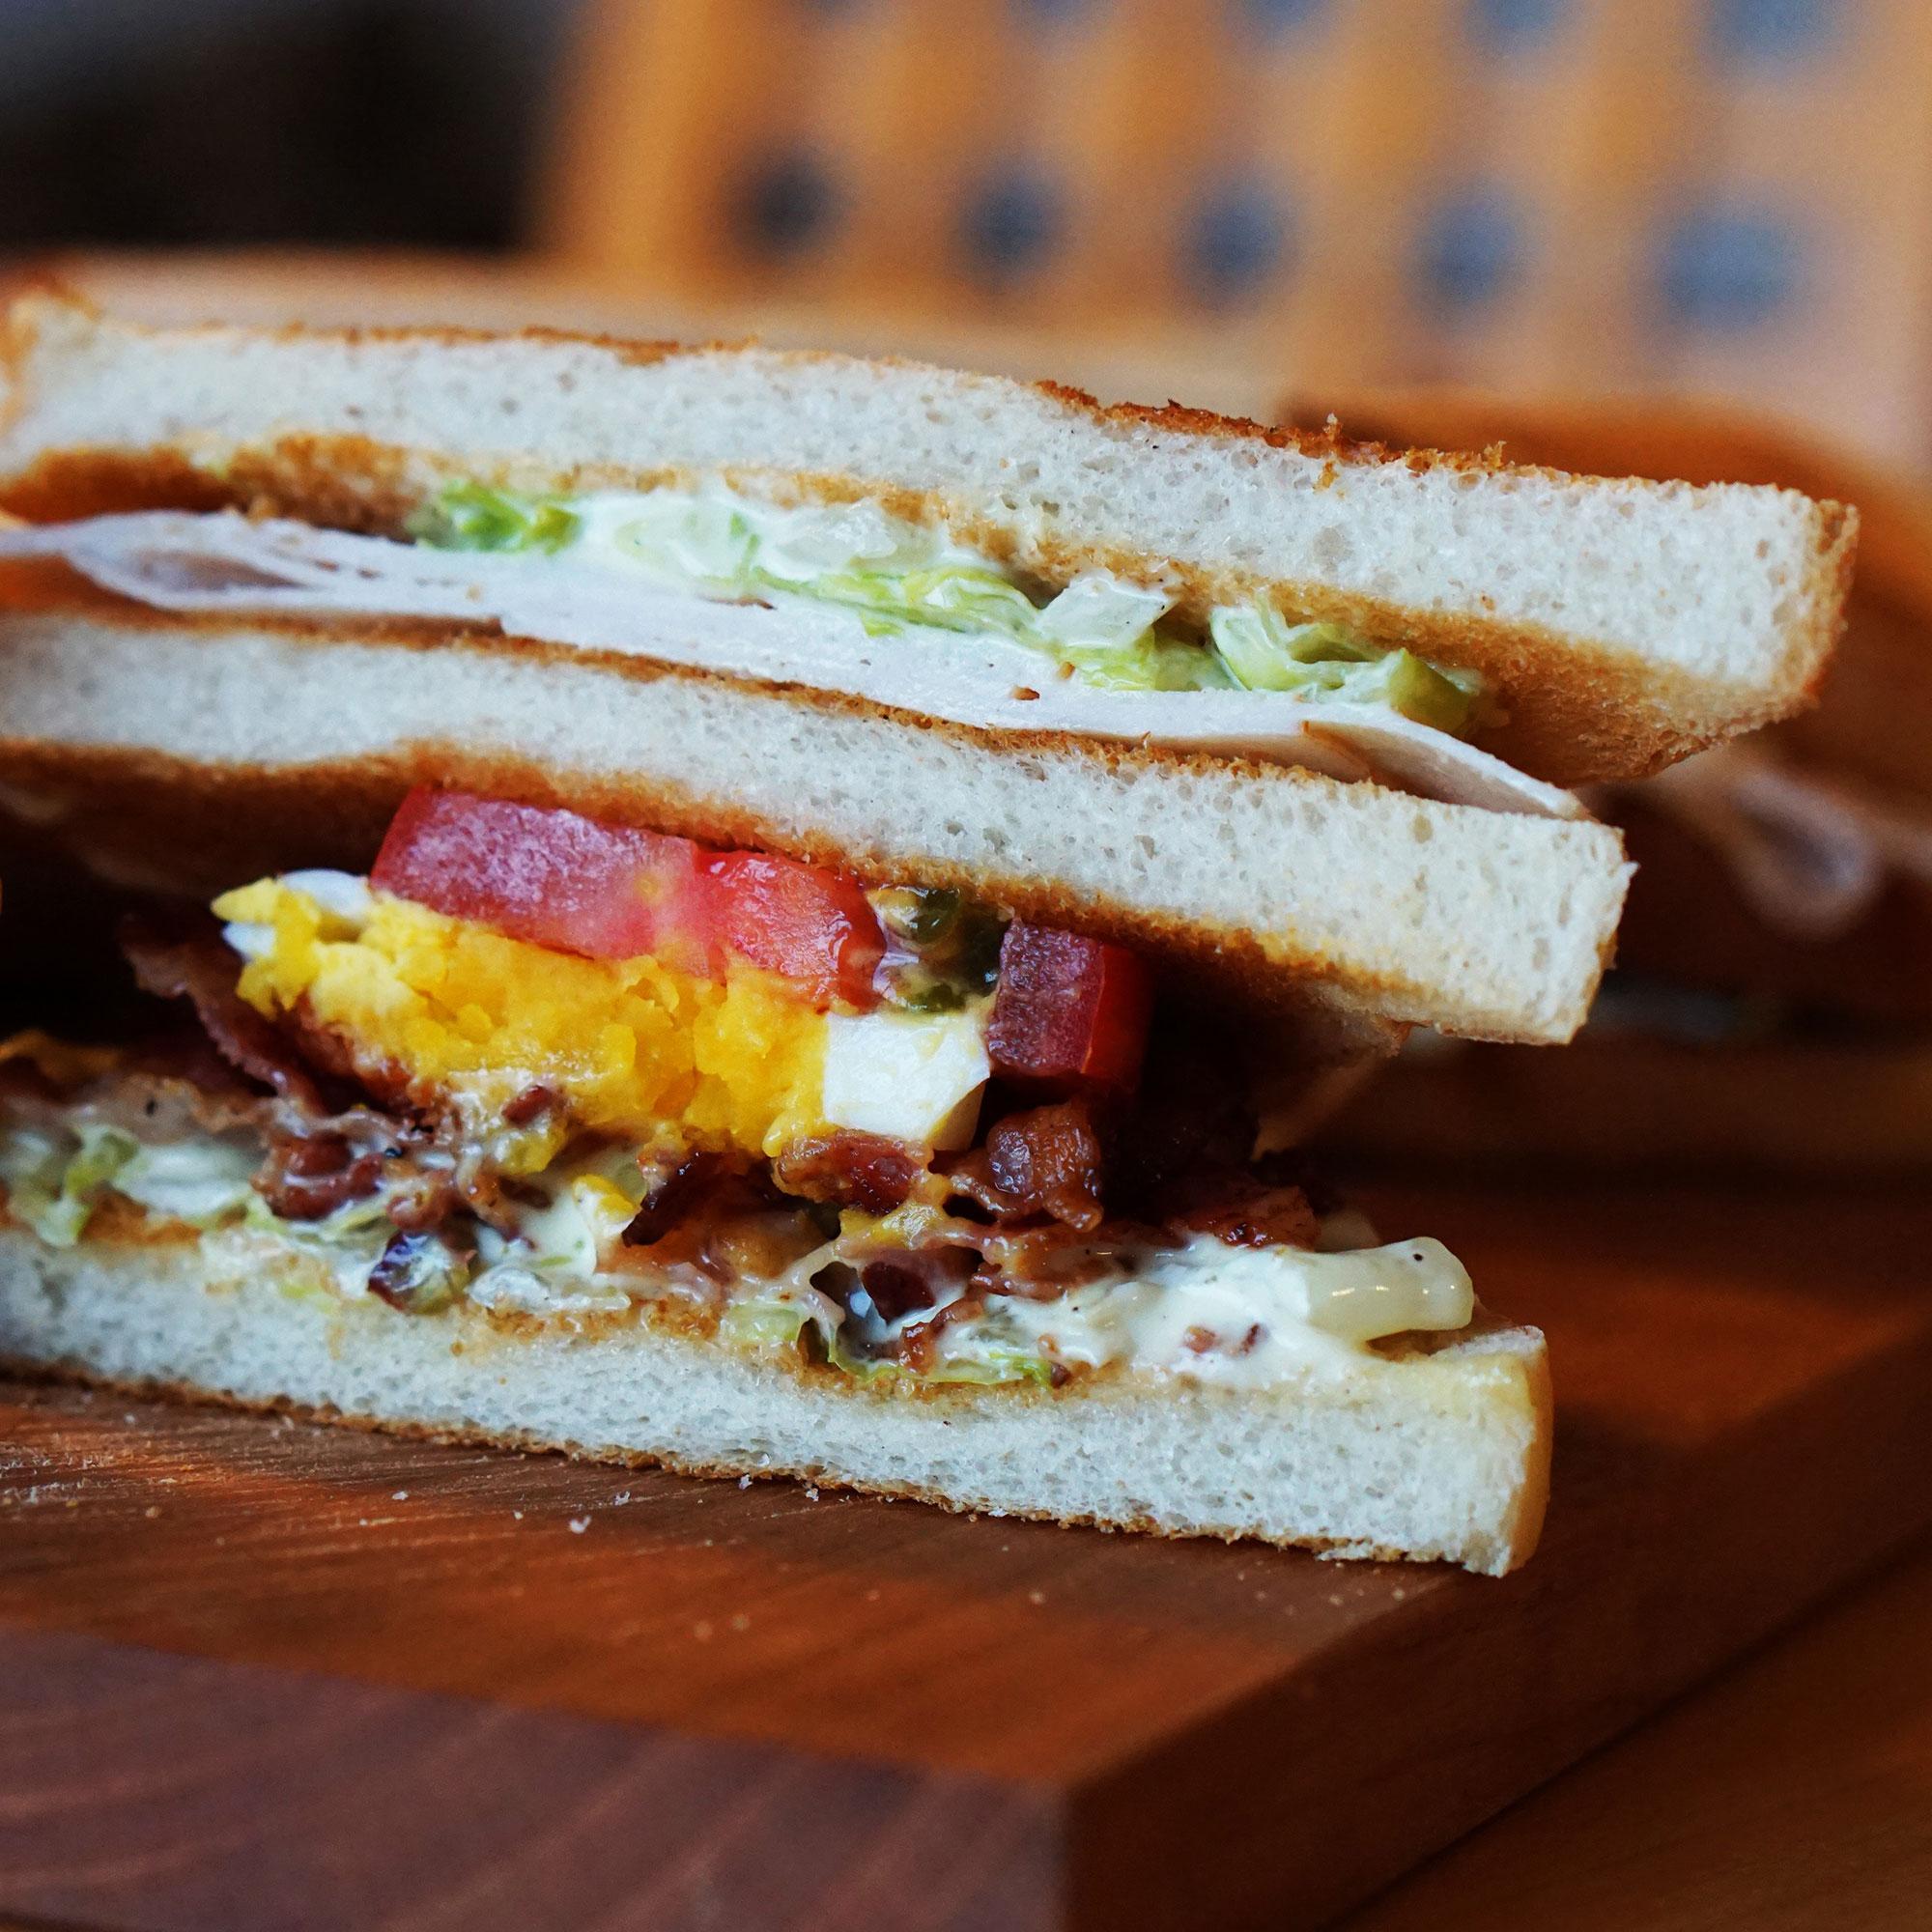 Cafe-Matteo-Cairns-Sandwich.jpg